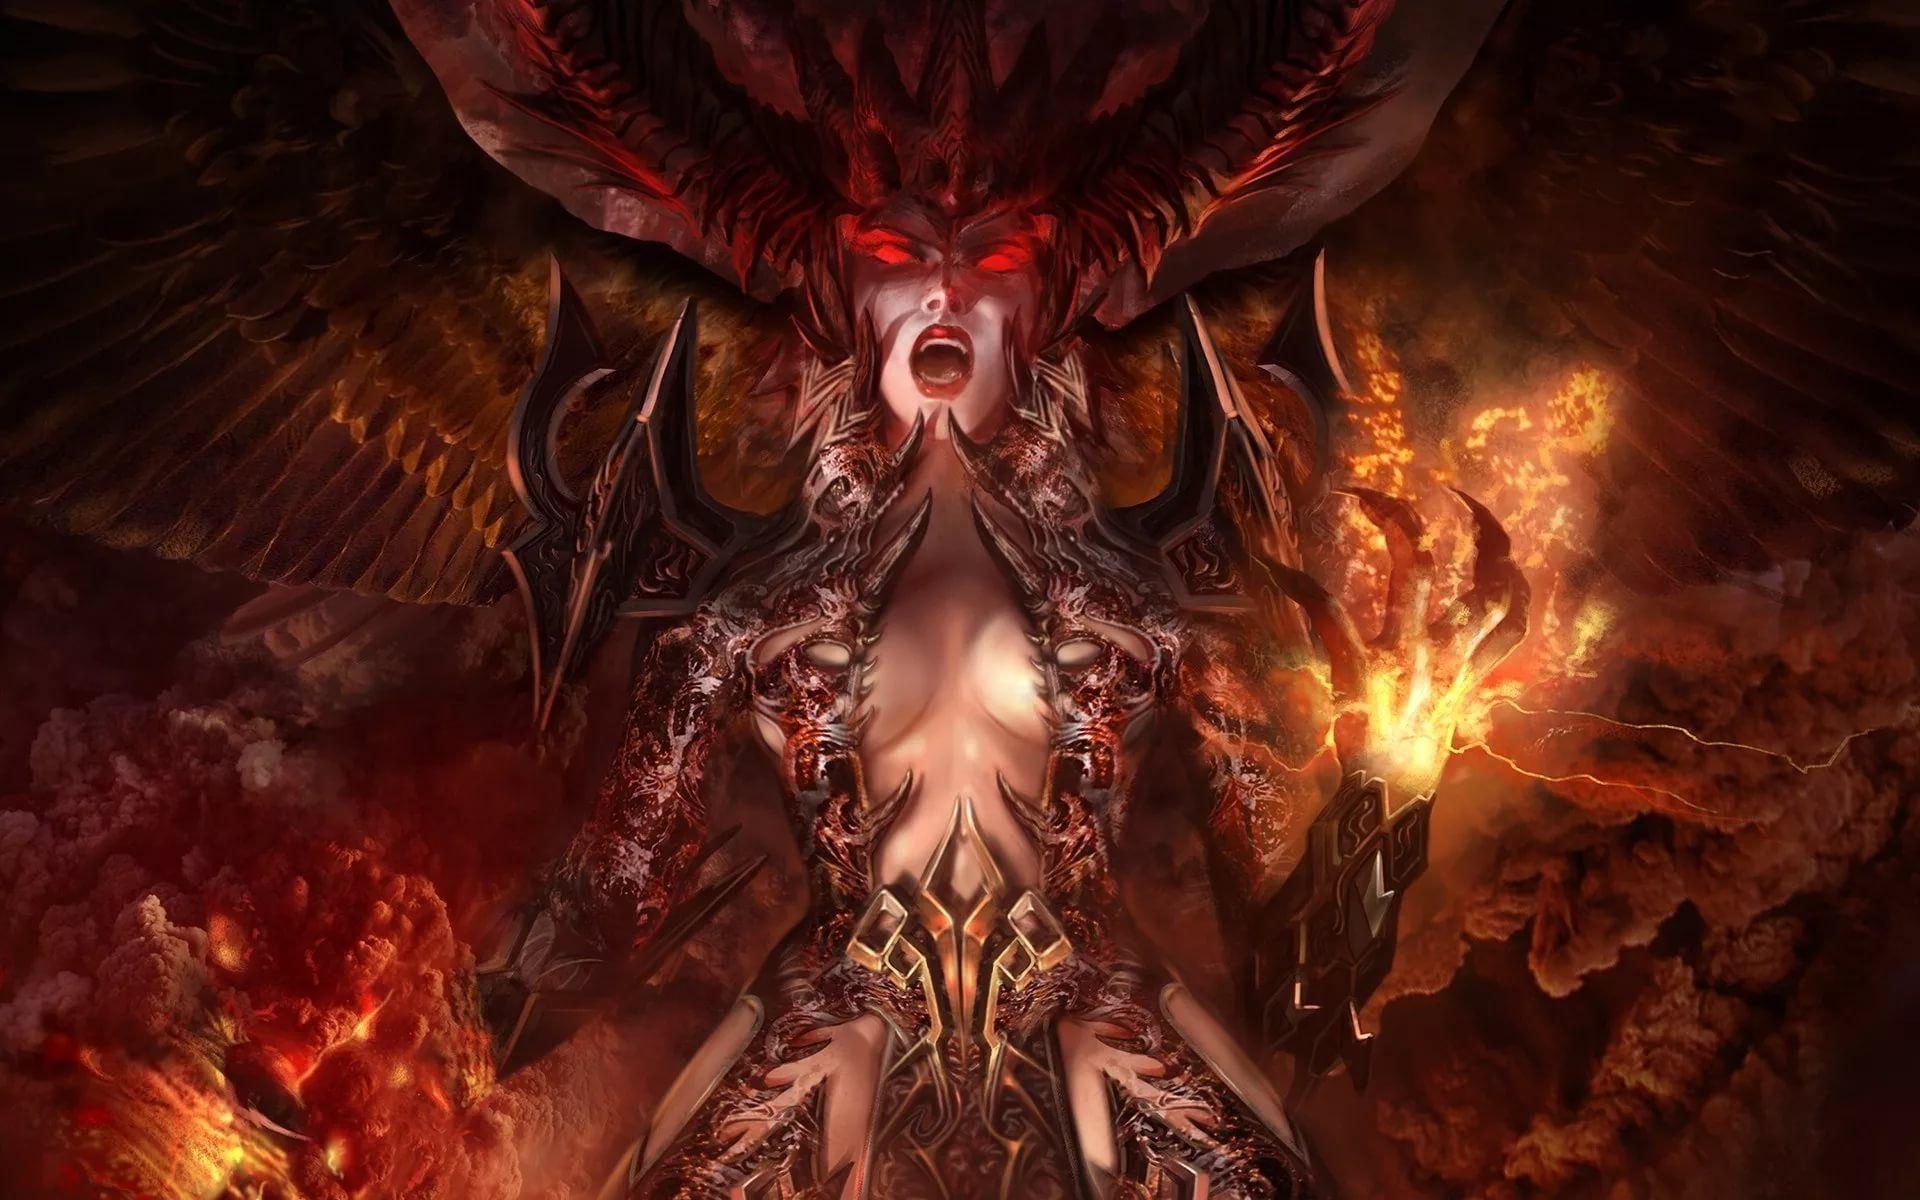 картинки с демонами для обоев моё первое